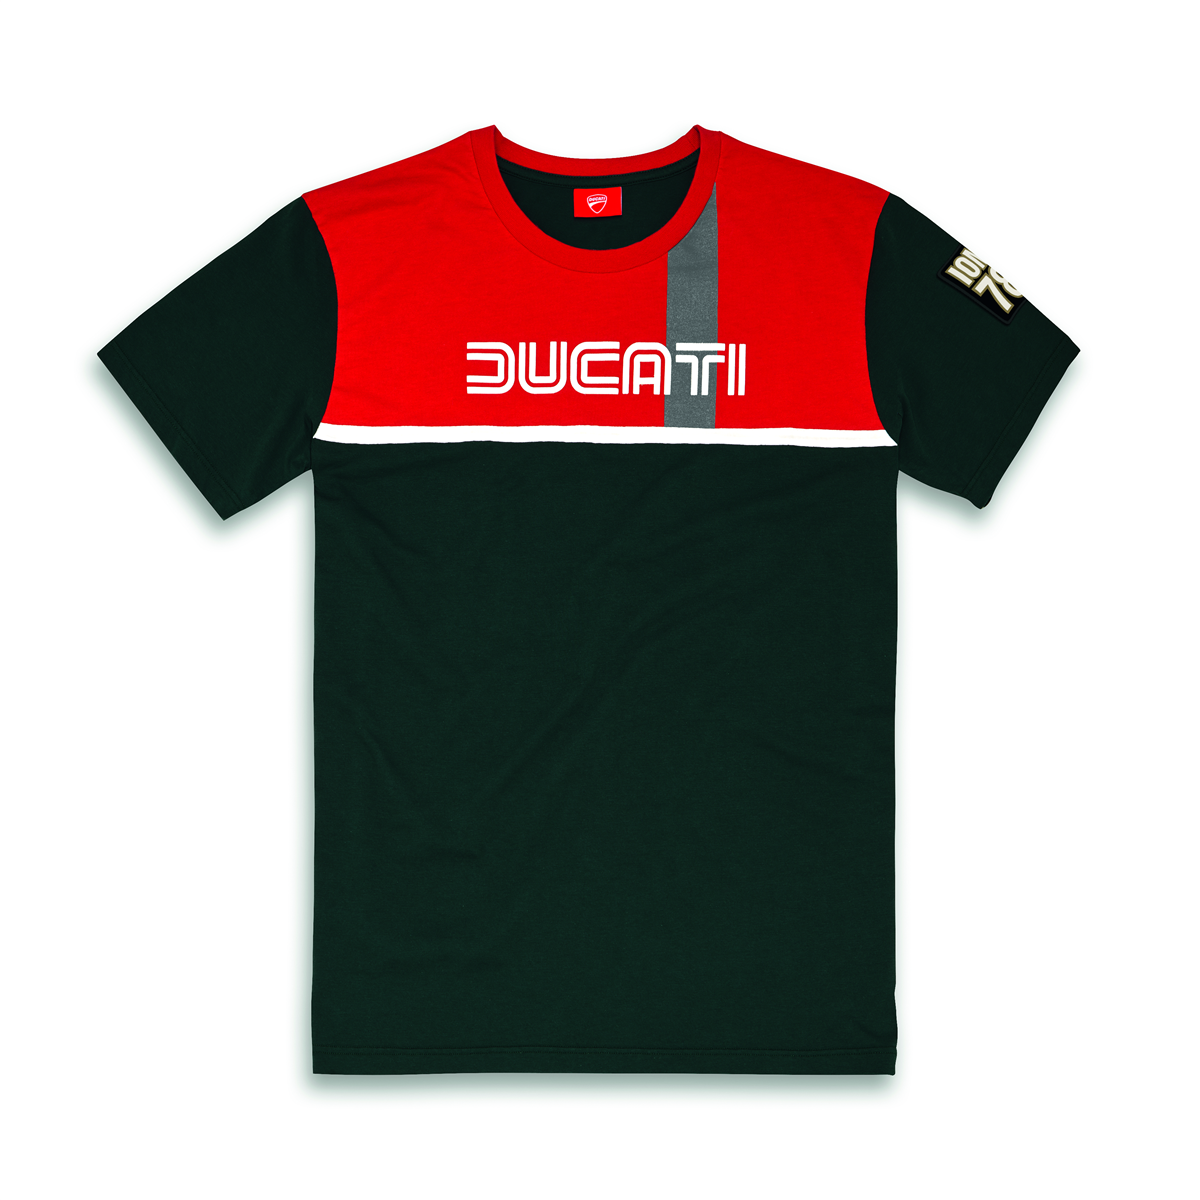 DUCATI IOM Isle of Uomo Retro T-Shirt Manica Corta verde Scuro Rosso NUOVO 2018